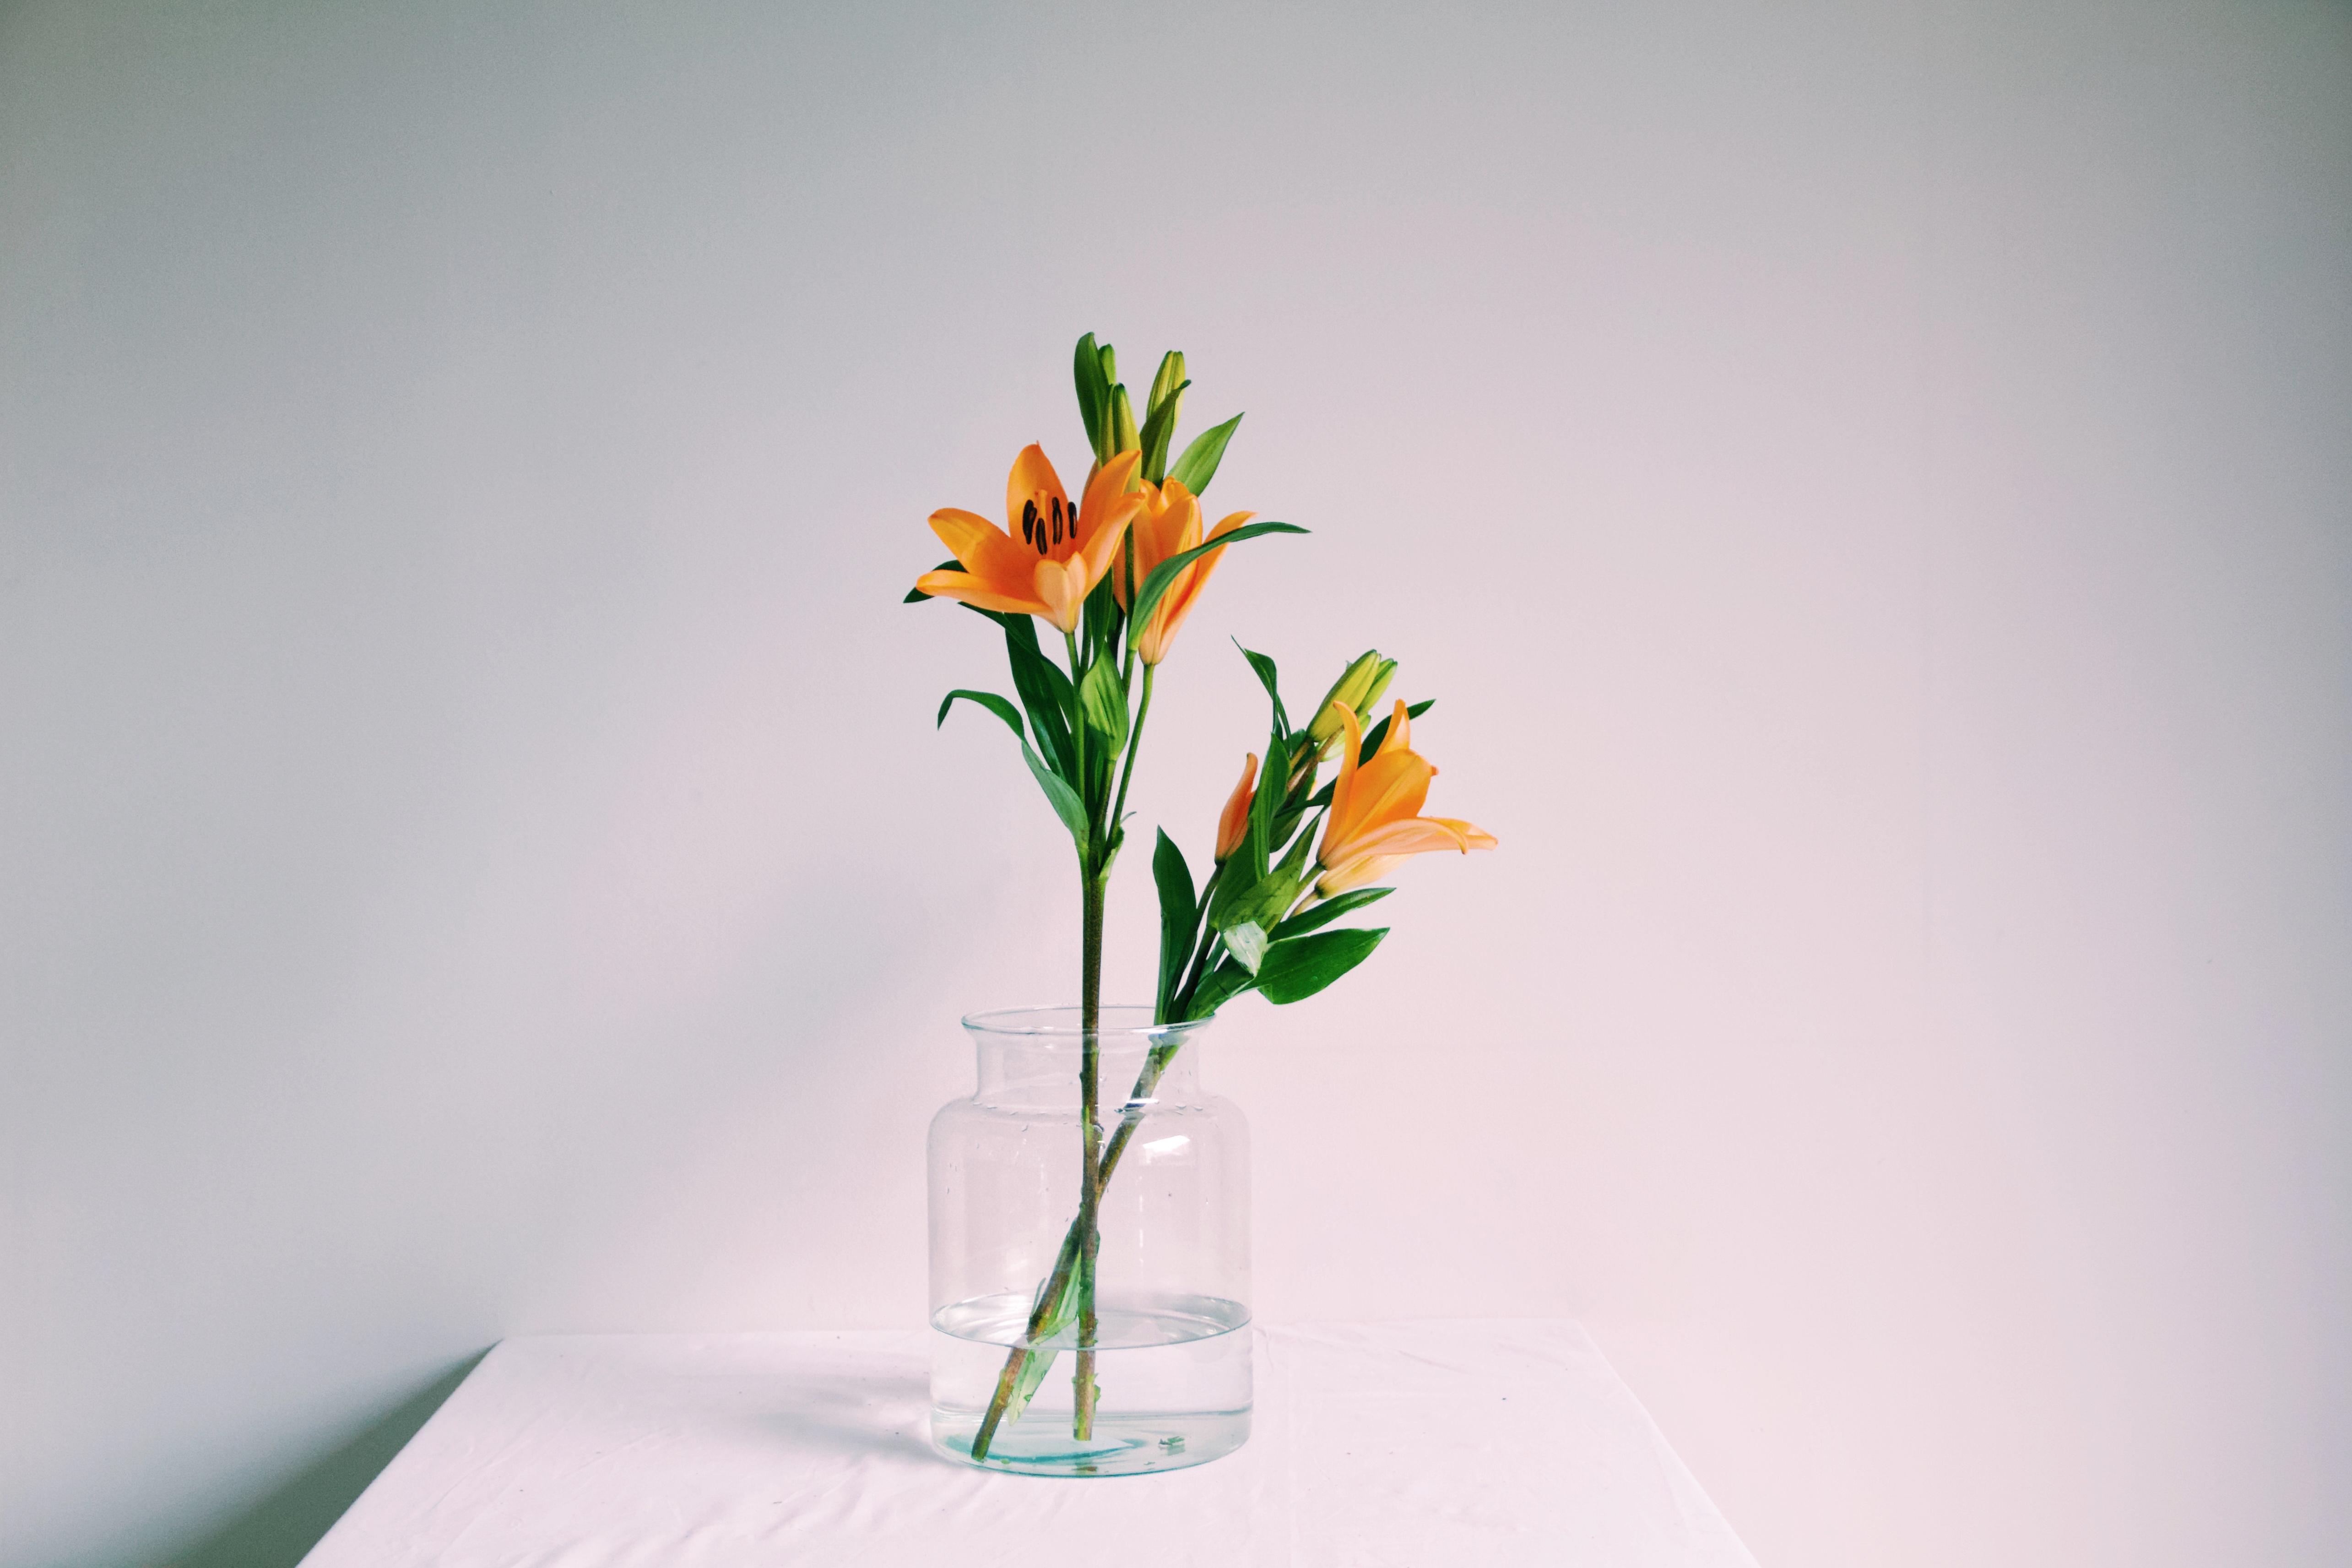 Blog de flores y noticias frescas - The colvin co ...